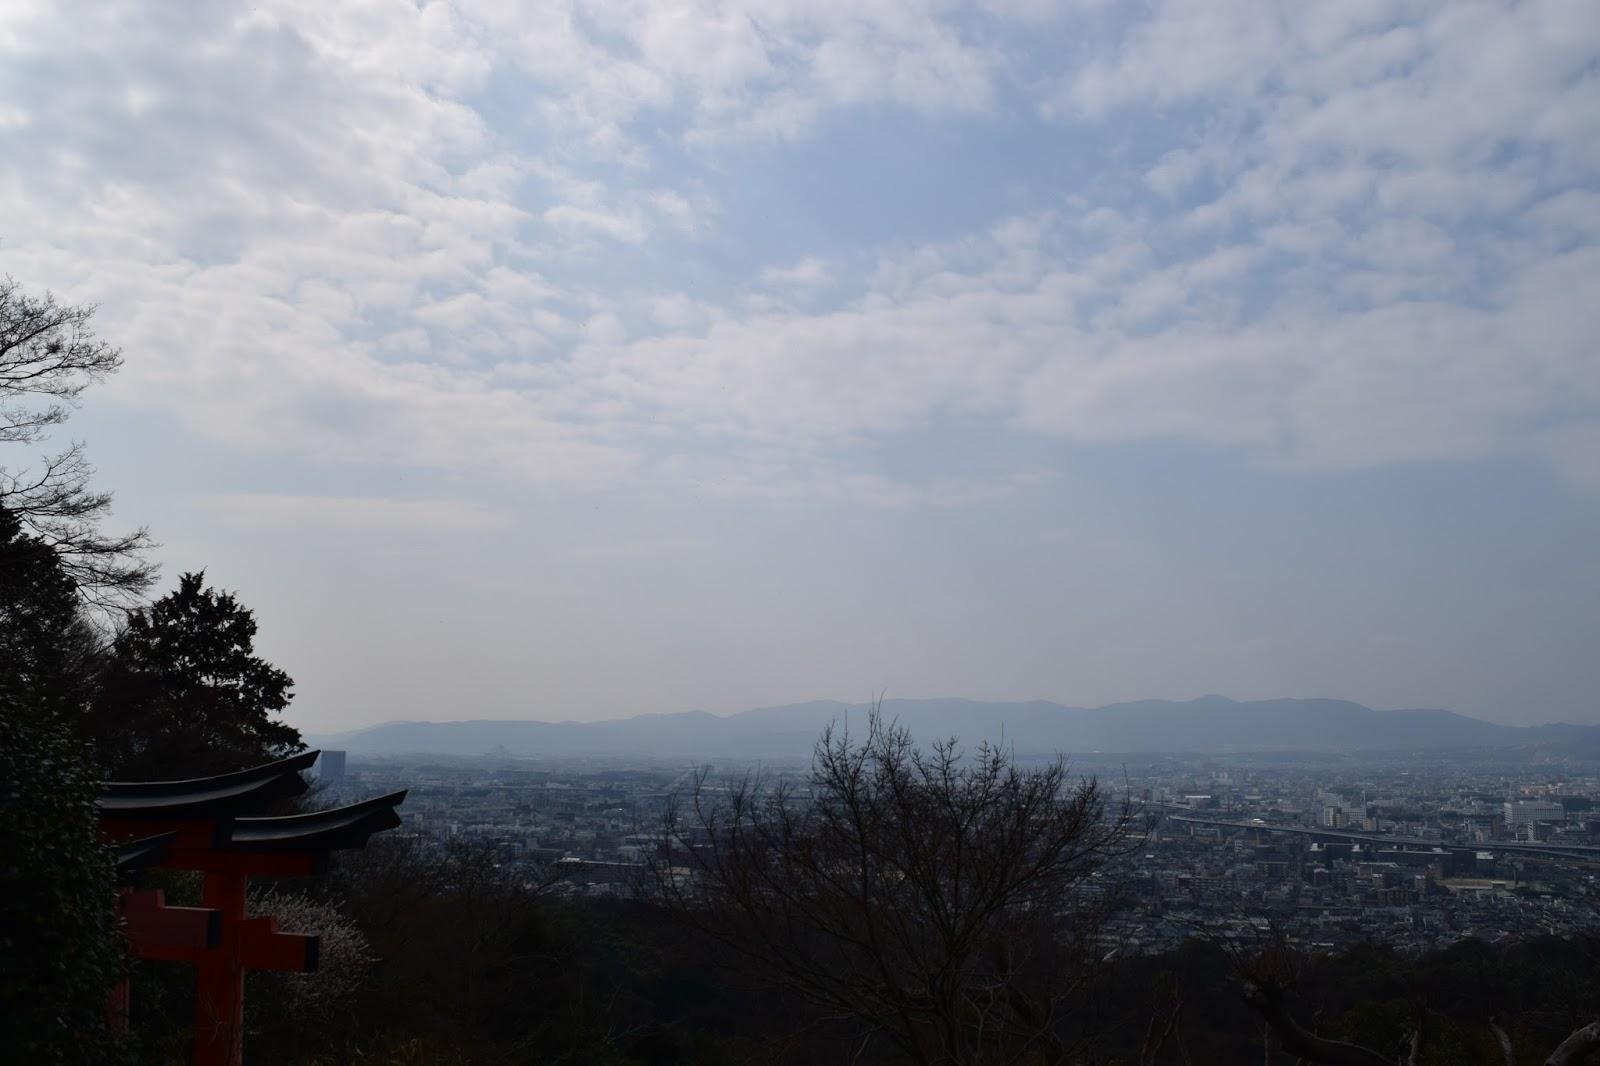 Inari yama view